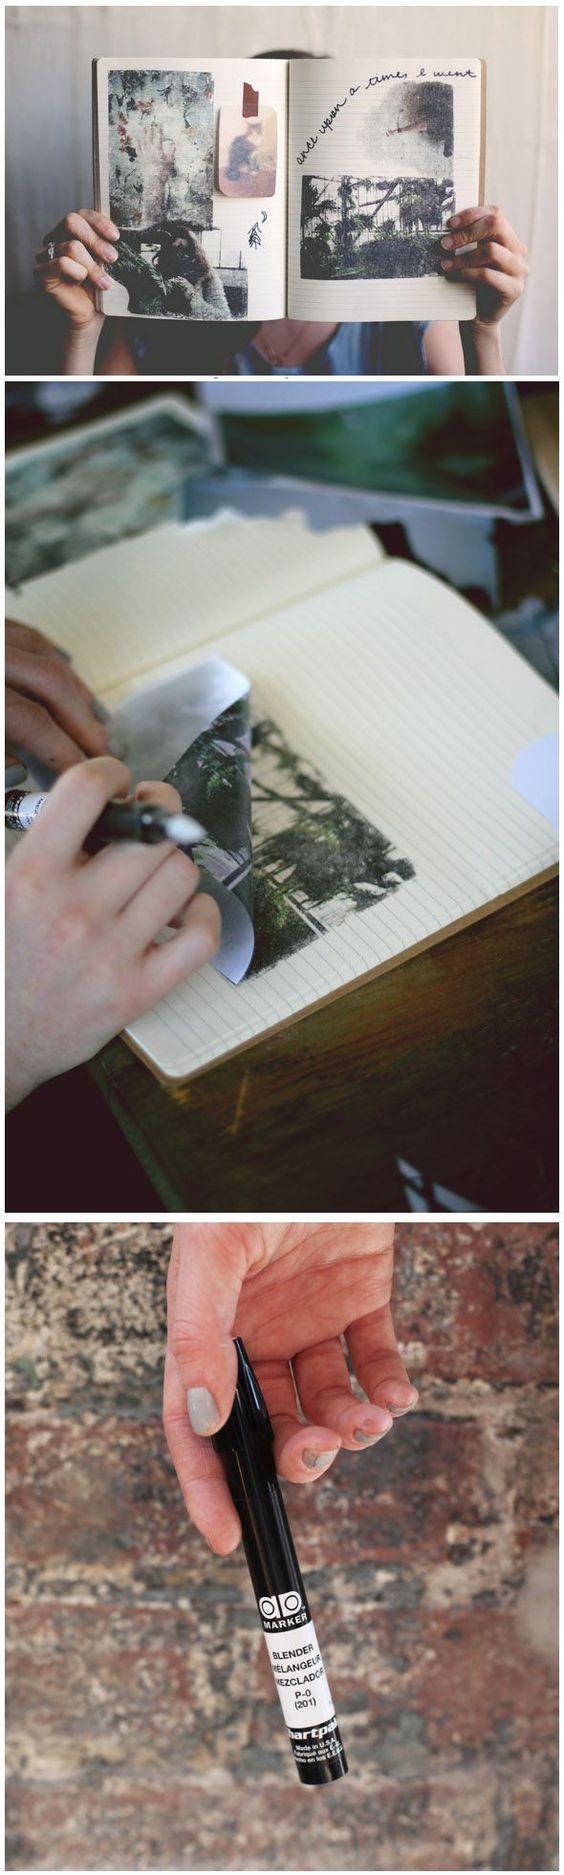 Transferências de fotos instantâneas com canetas de liquidificador.